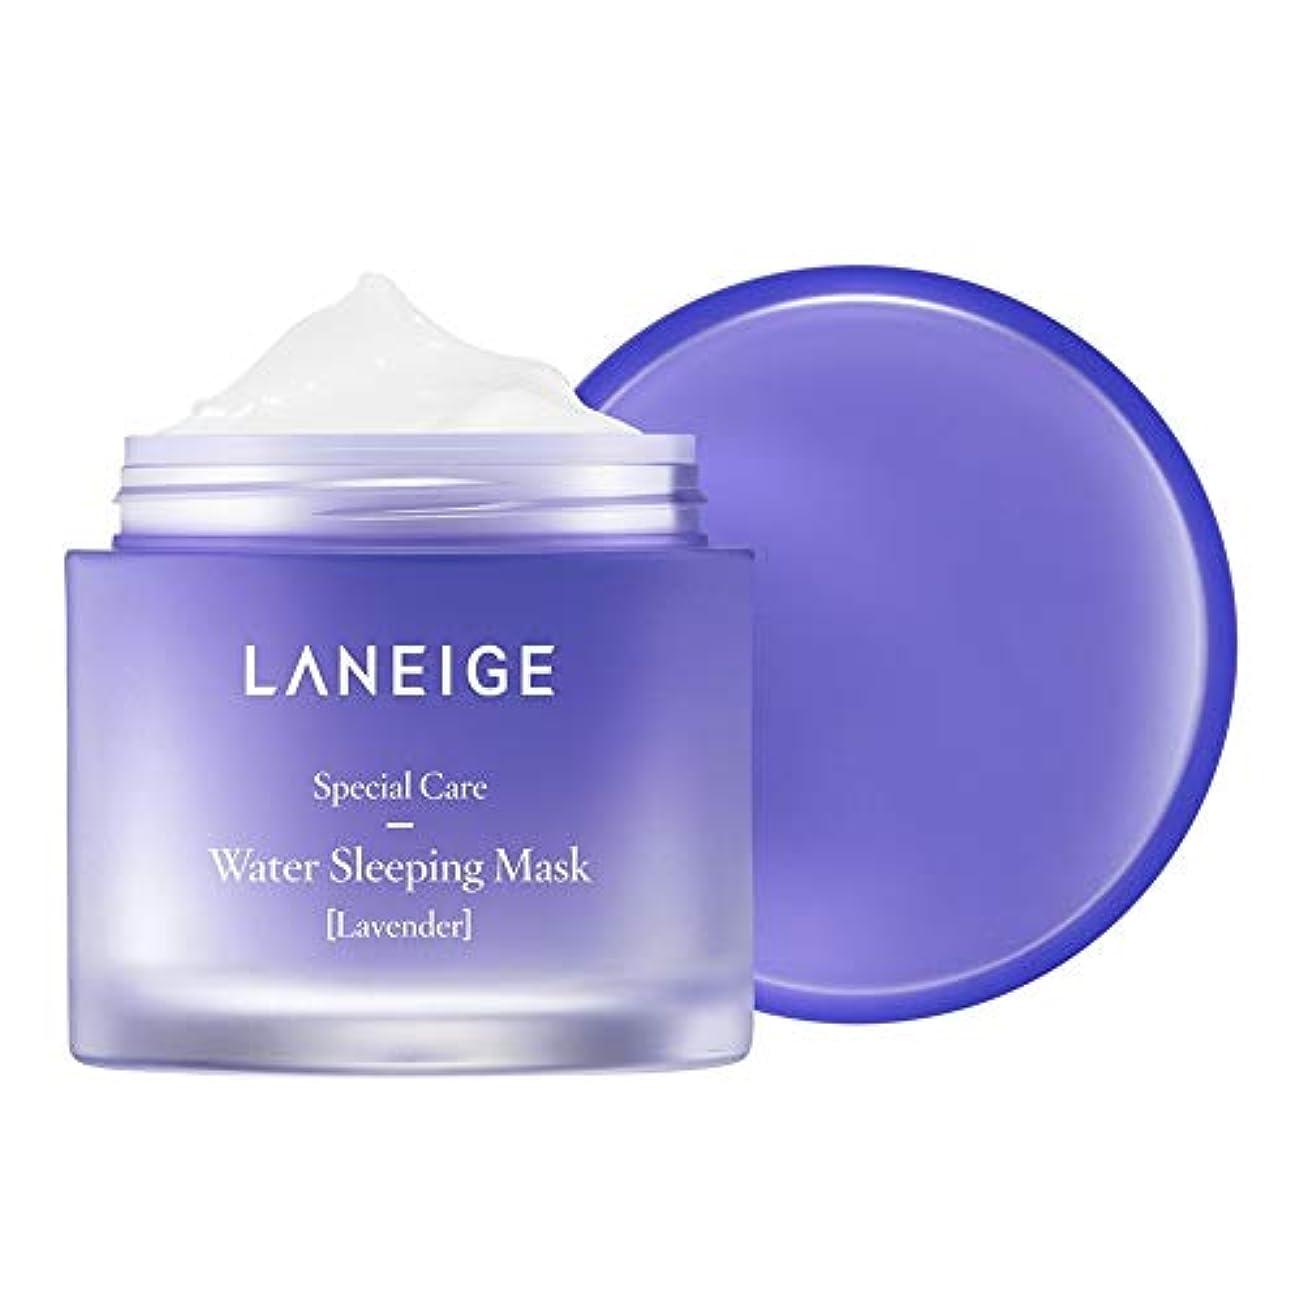 浮く吹きさらし油LANEIGE ラネージュ ウォータースリーピング マスク ラベンダー2017 New リフィルミーバージョン 70ml Water Sleeping Mask 2017 Lavender [海外直送品]